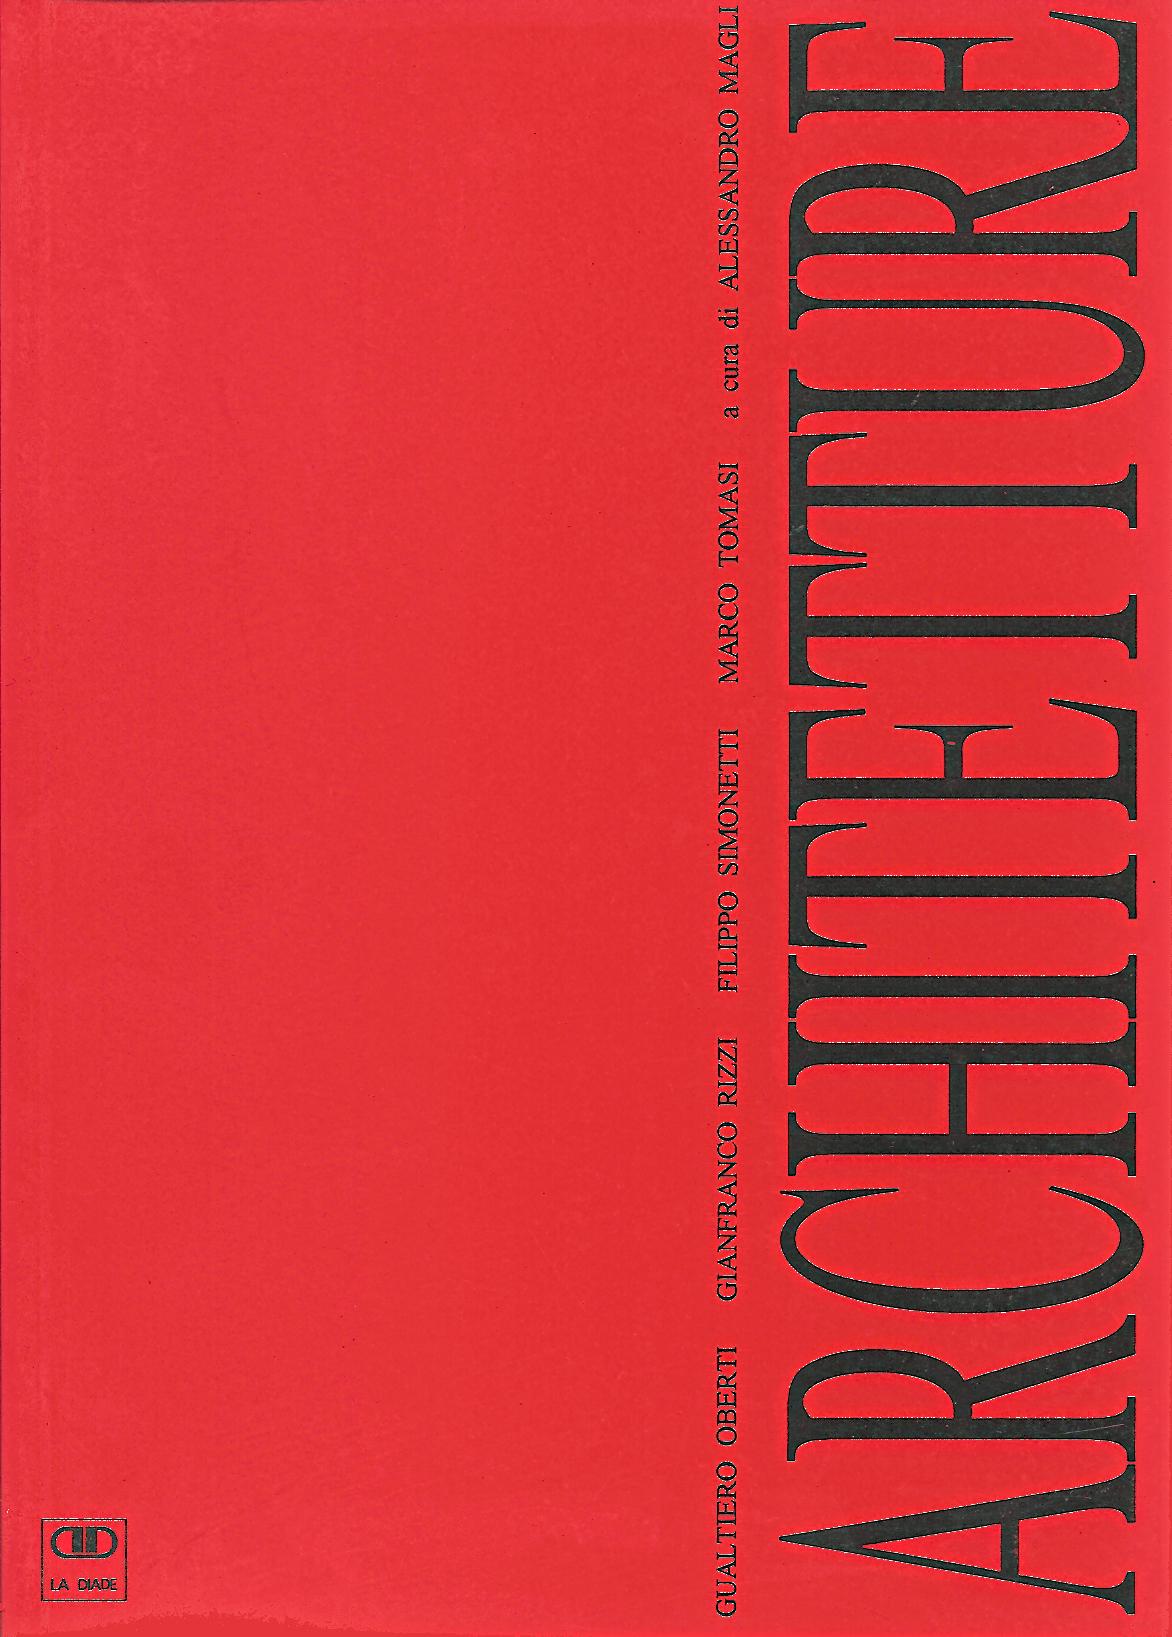 Pubblicazioni - Architetture - oberti+oberti   architetti